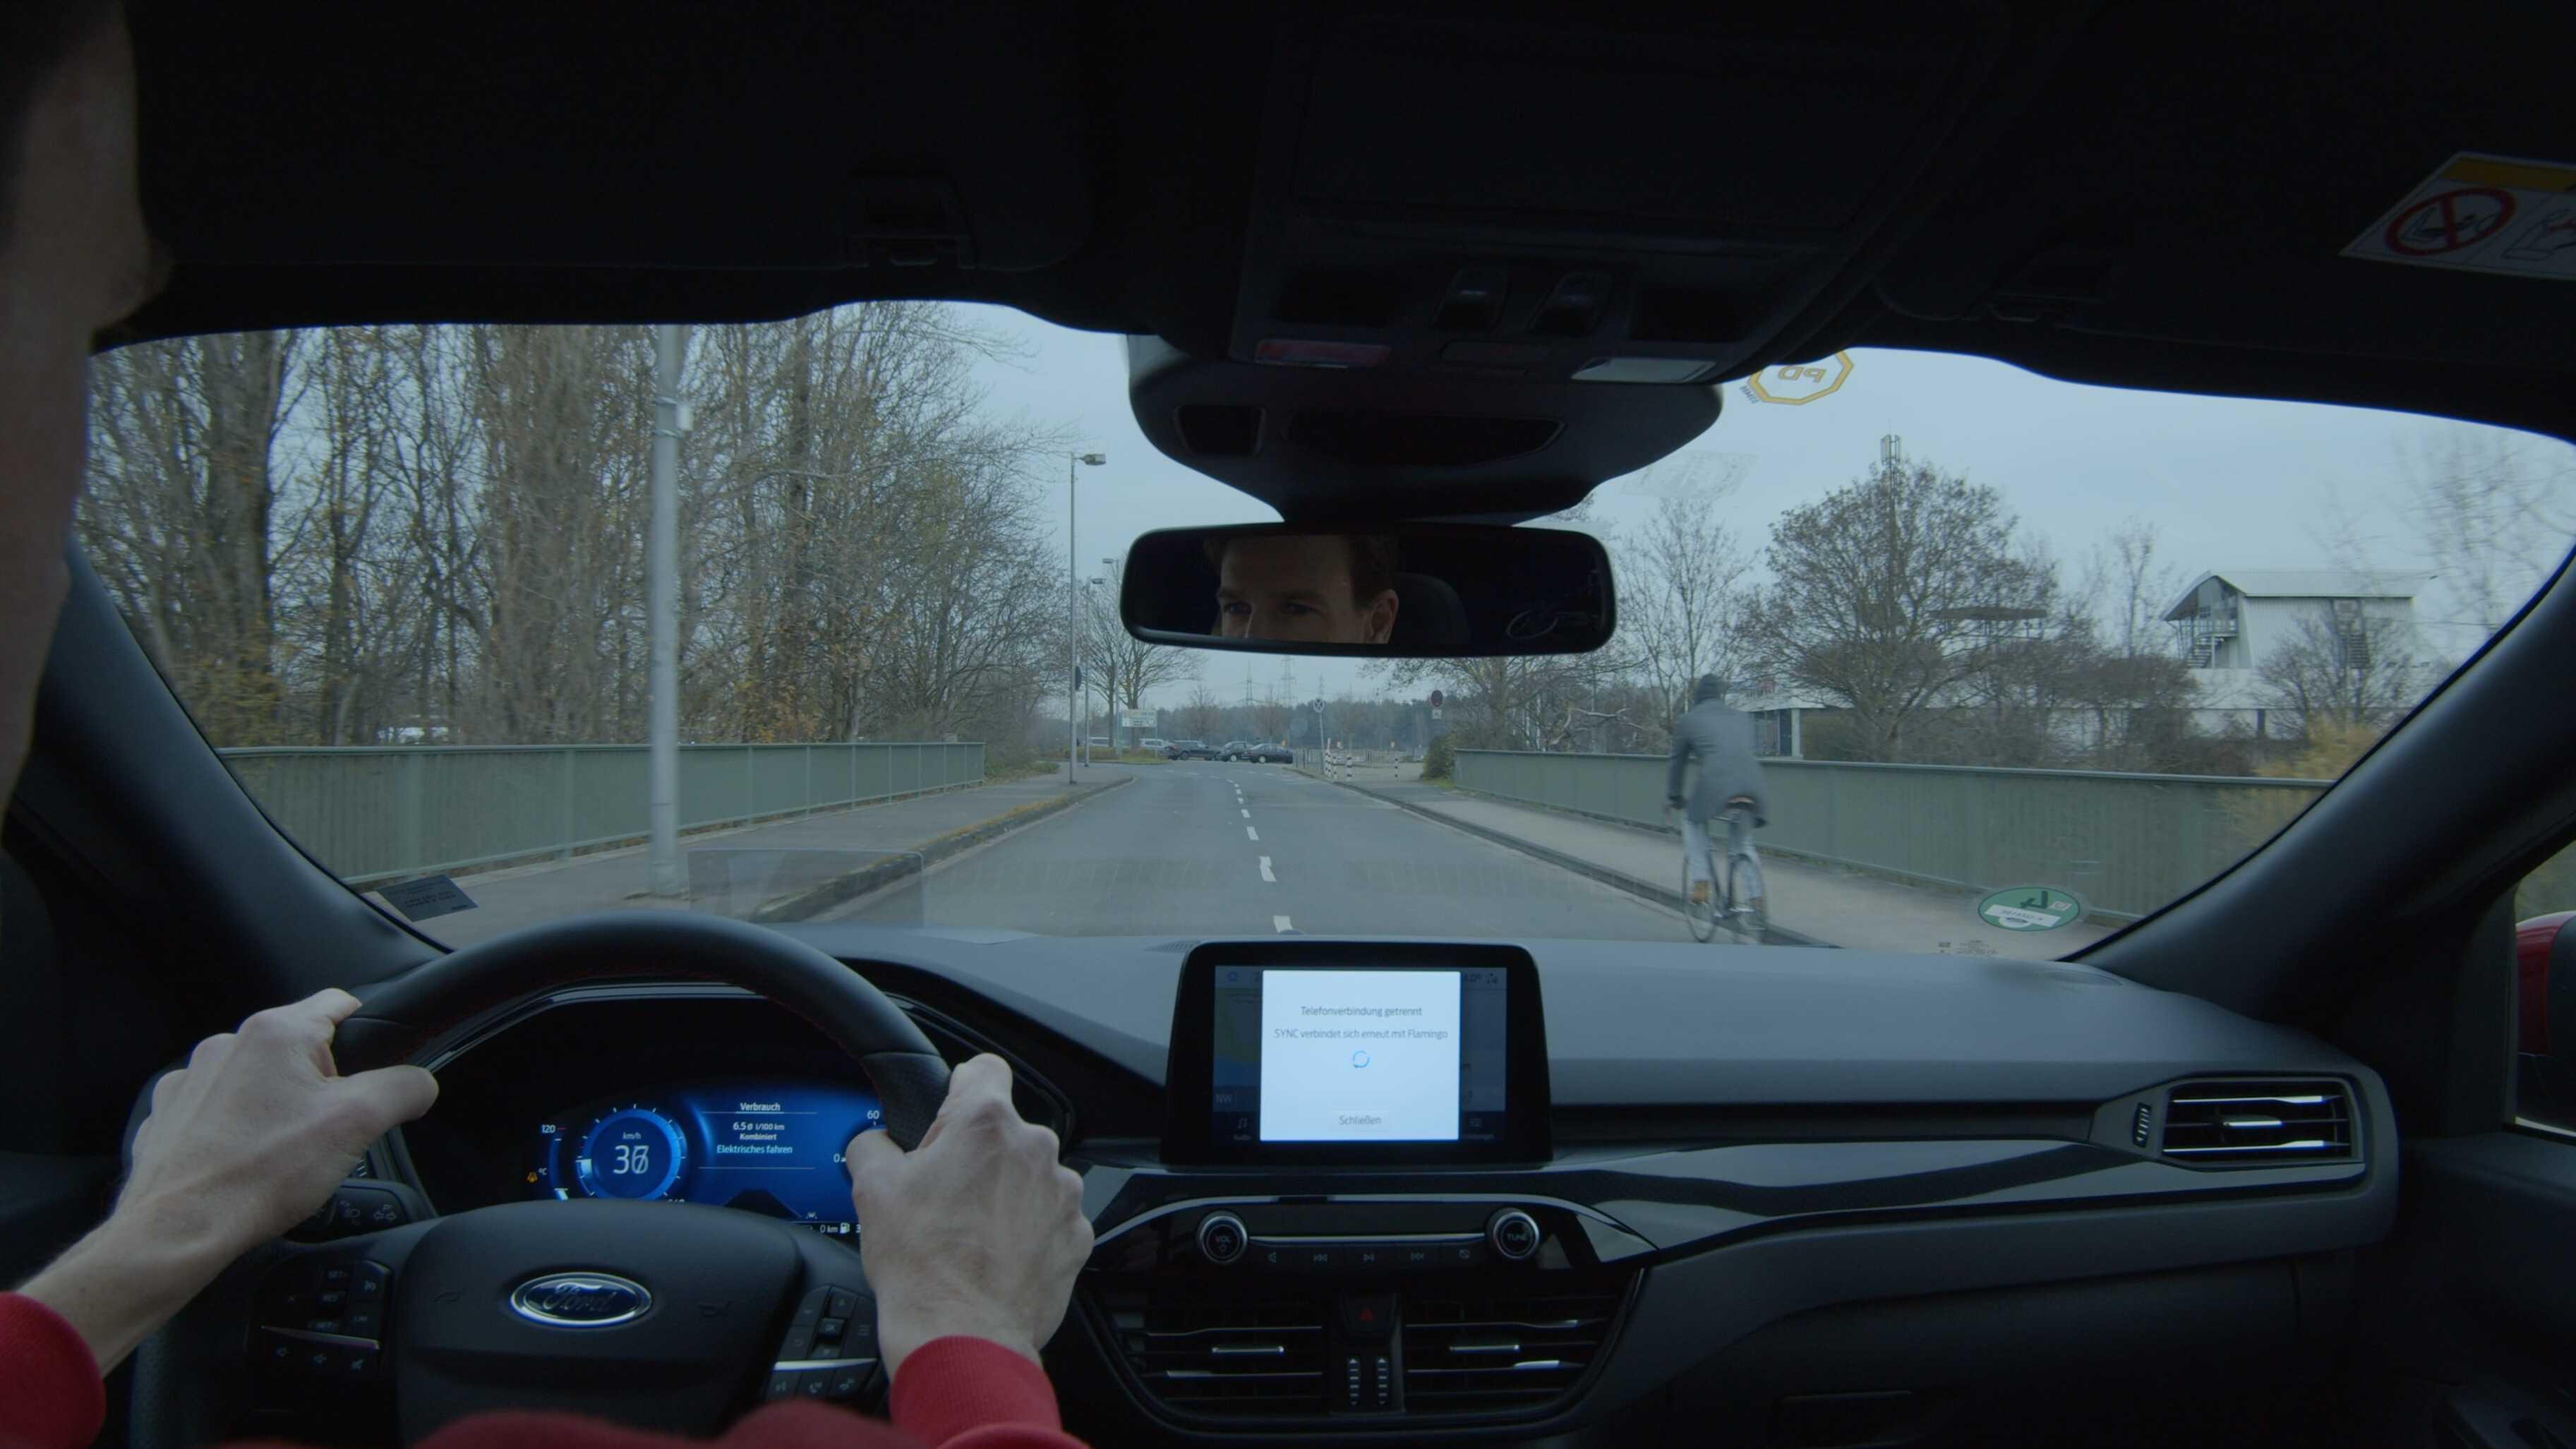 В Ford разработали компактную 'метеостанцию' для борьбы с запотеванием стекол автомобилей